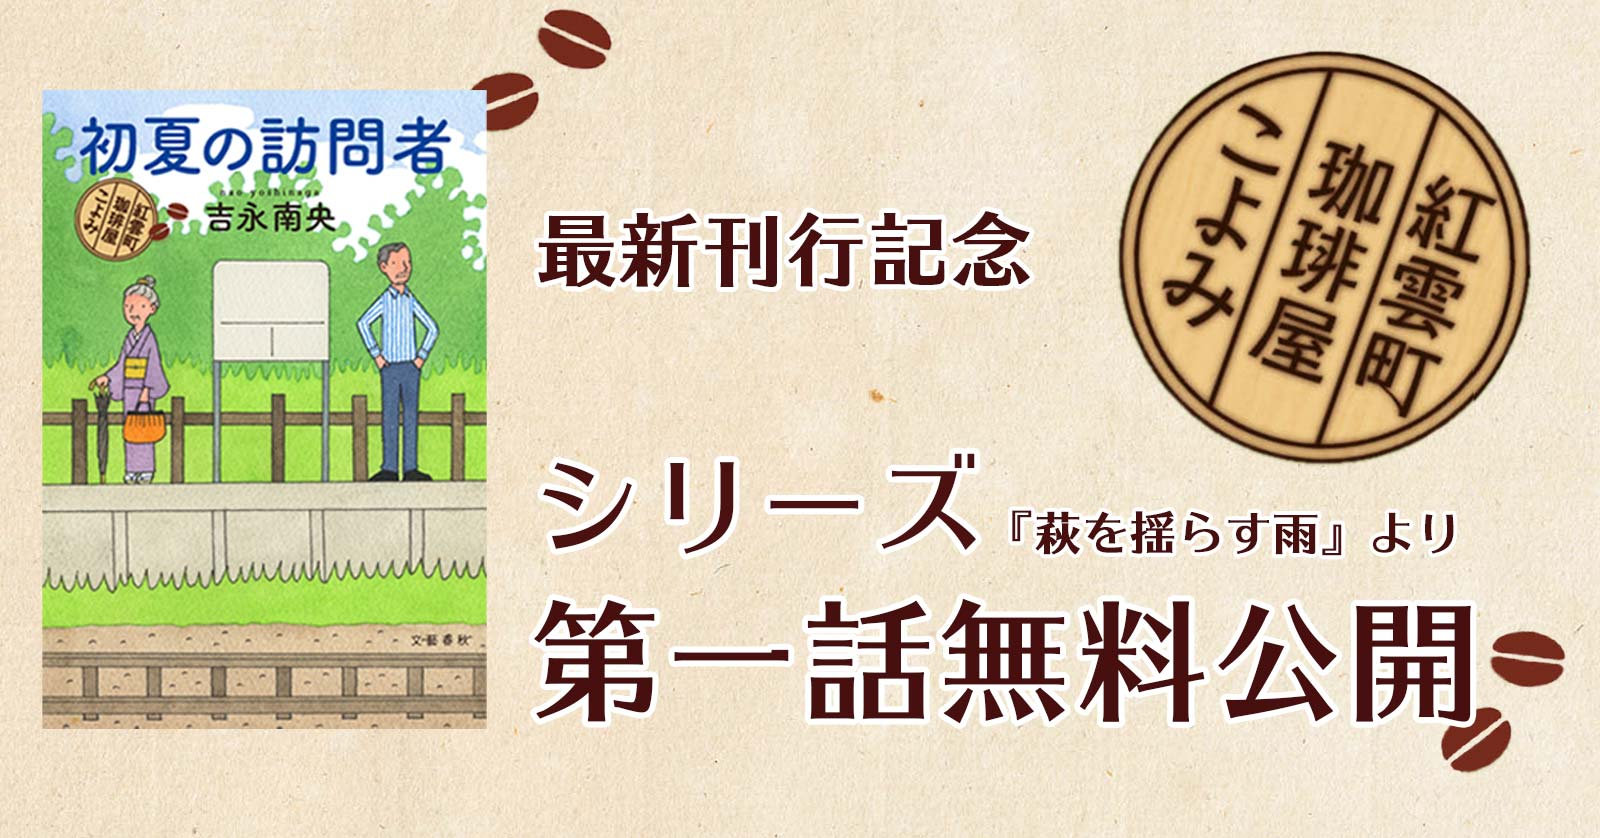 最新刊行記念 「紅雲町珈琲屋こよみ」シリーズ 第一話無料公開